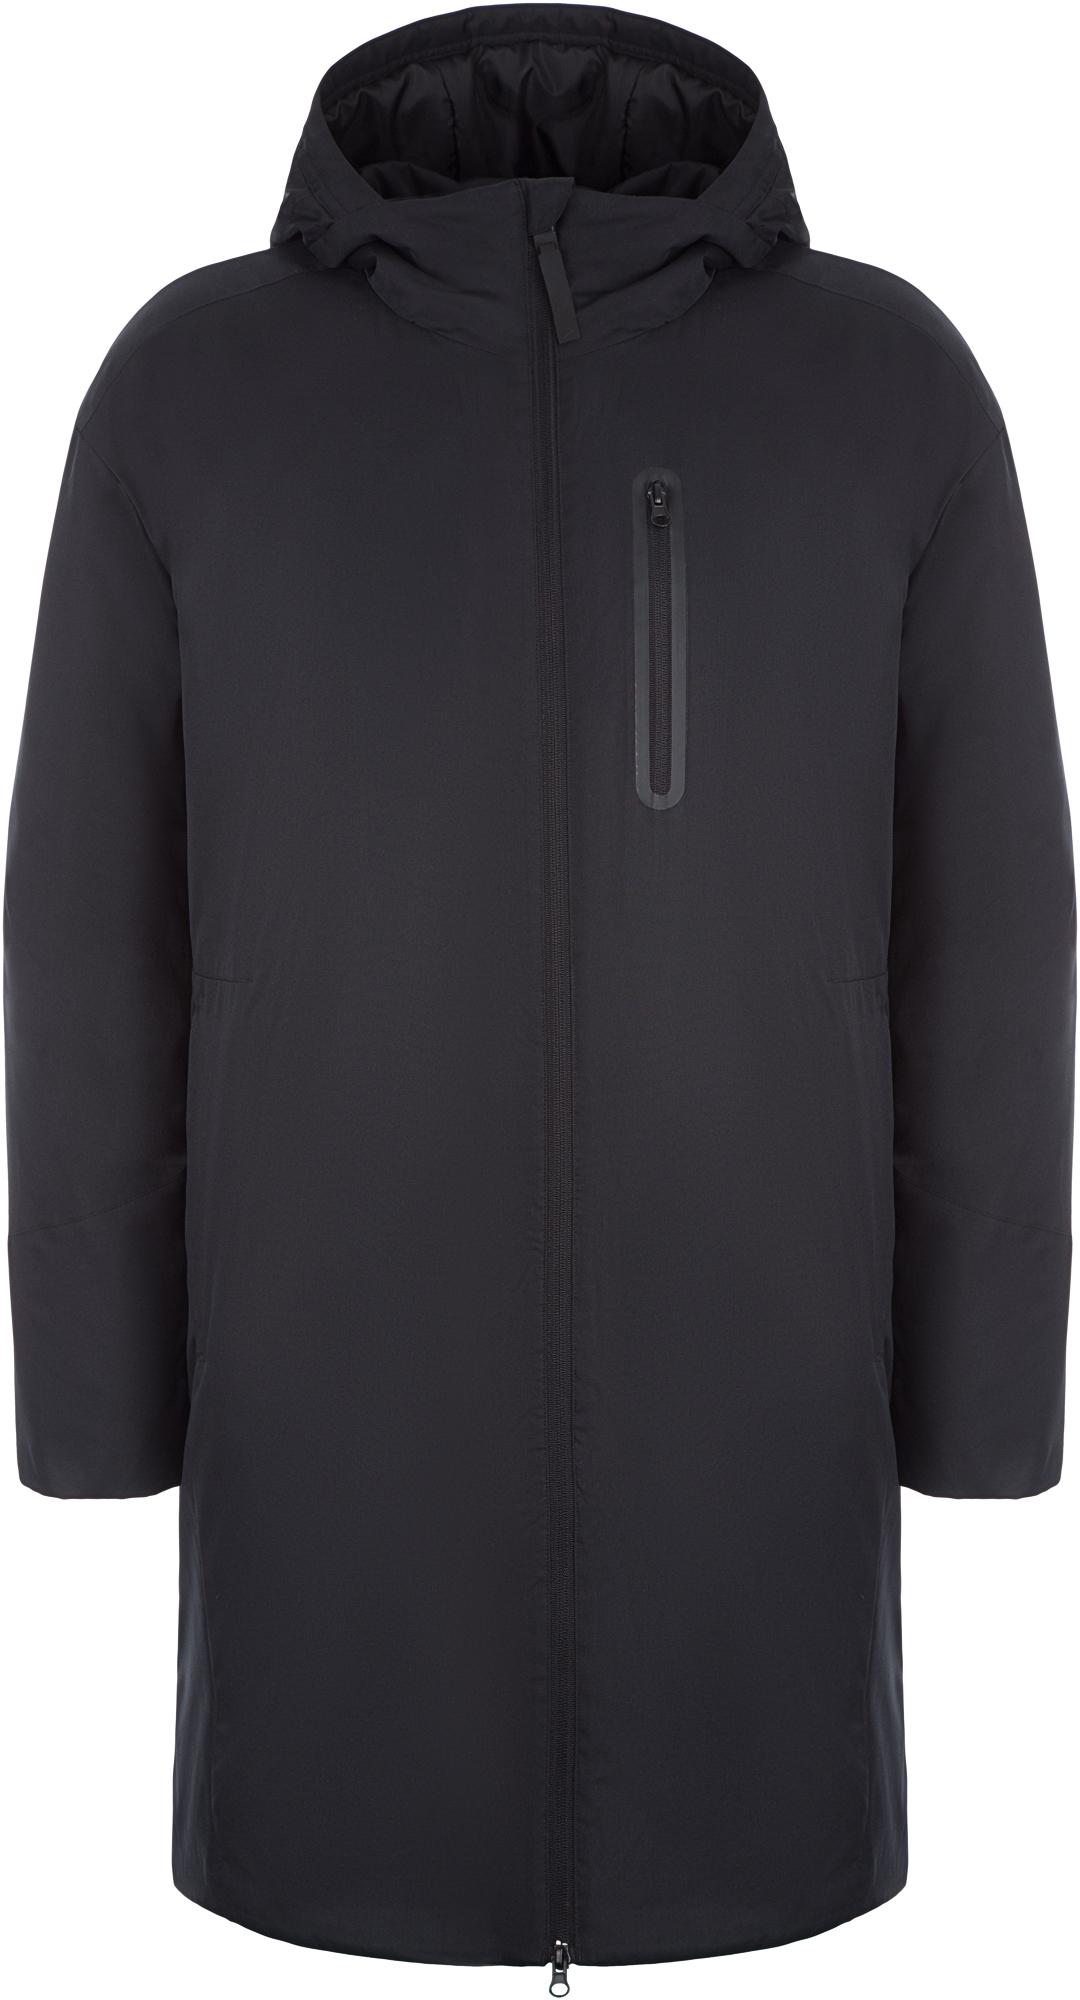 Demix Куртка утепленная мужская Demix, размер 46 demix куртка утепленная мужская demix размер 62